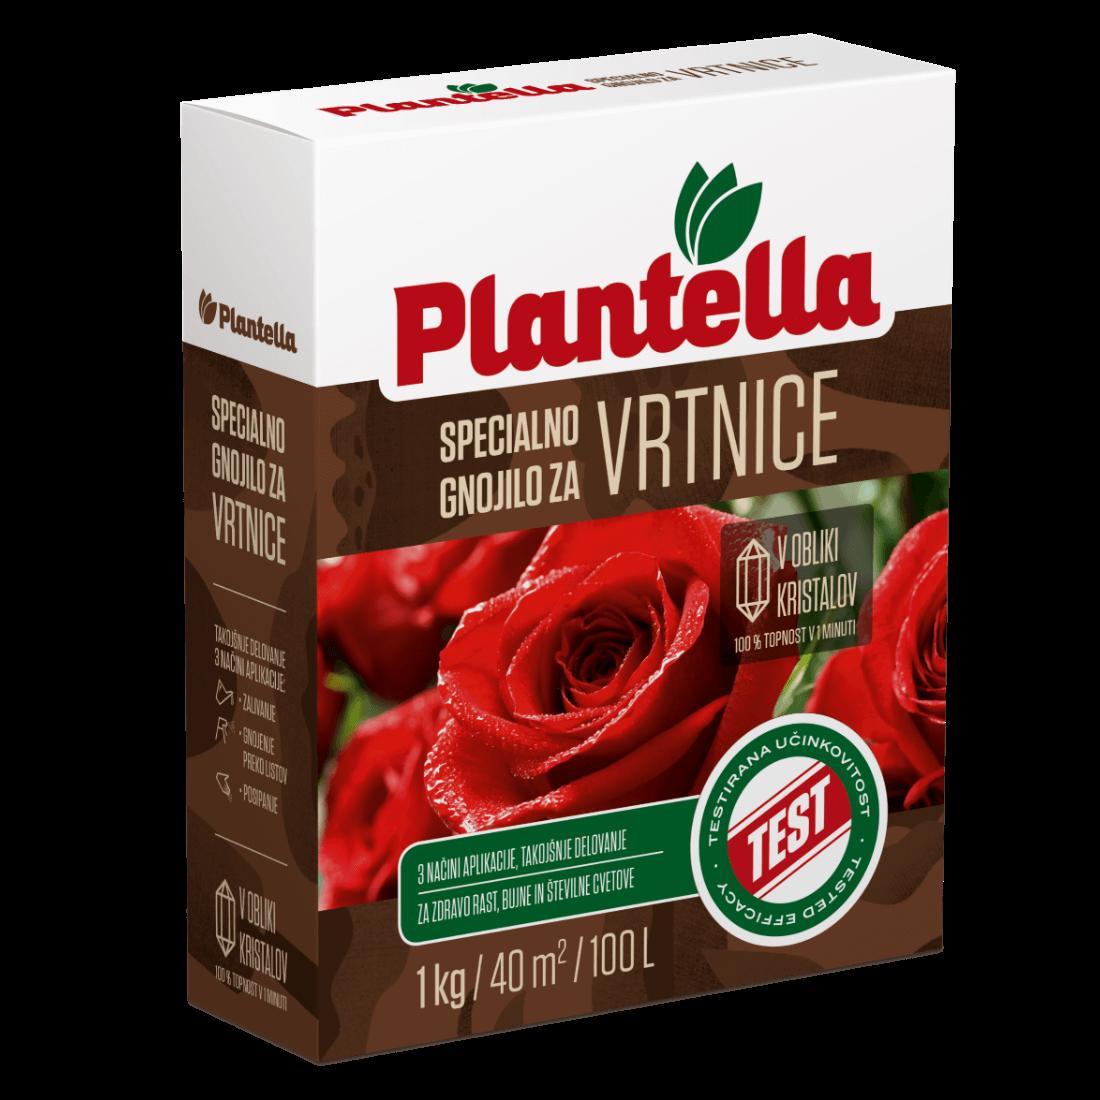 Plantella_Specialno-gnojilo-vrtnice_1kg_SI